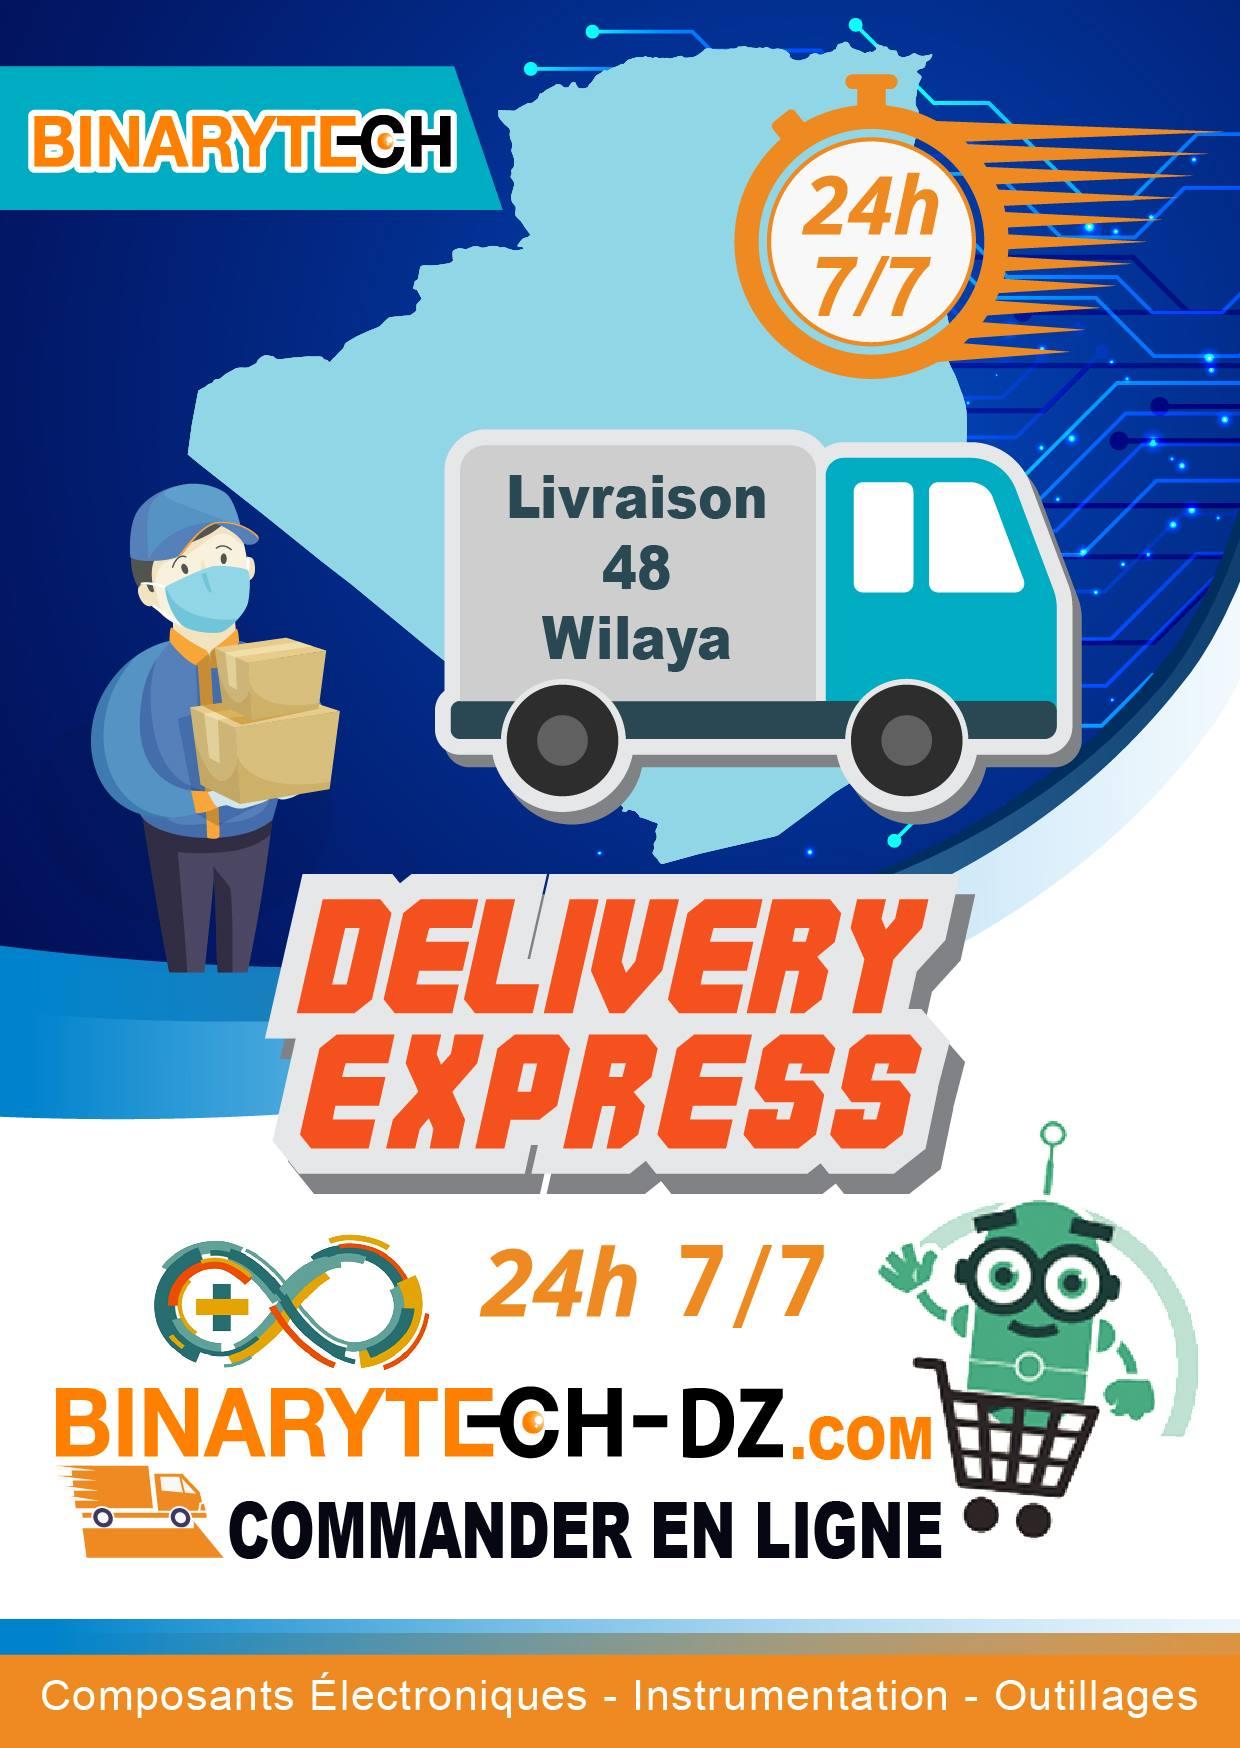 Livraison Binarytech